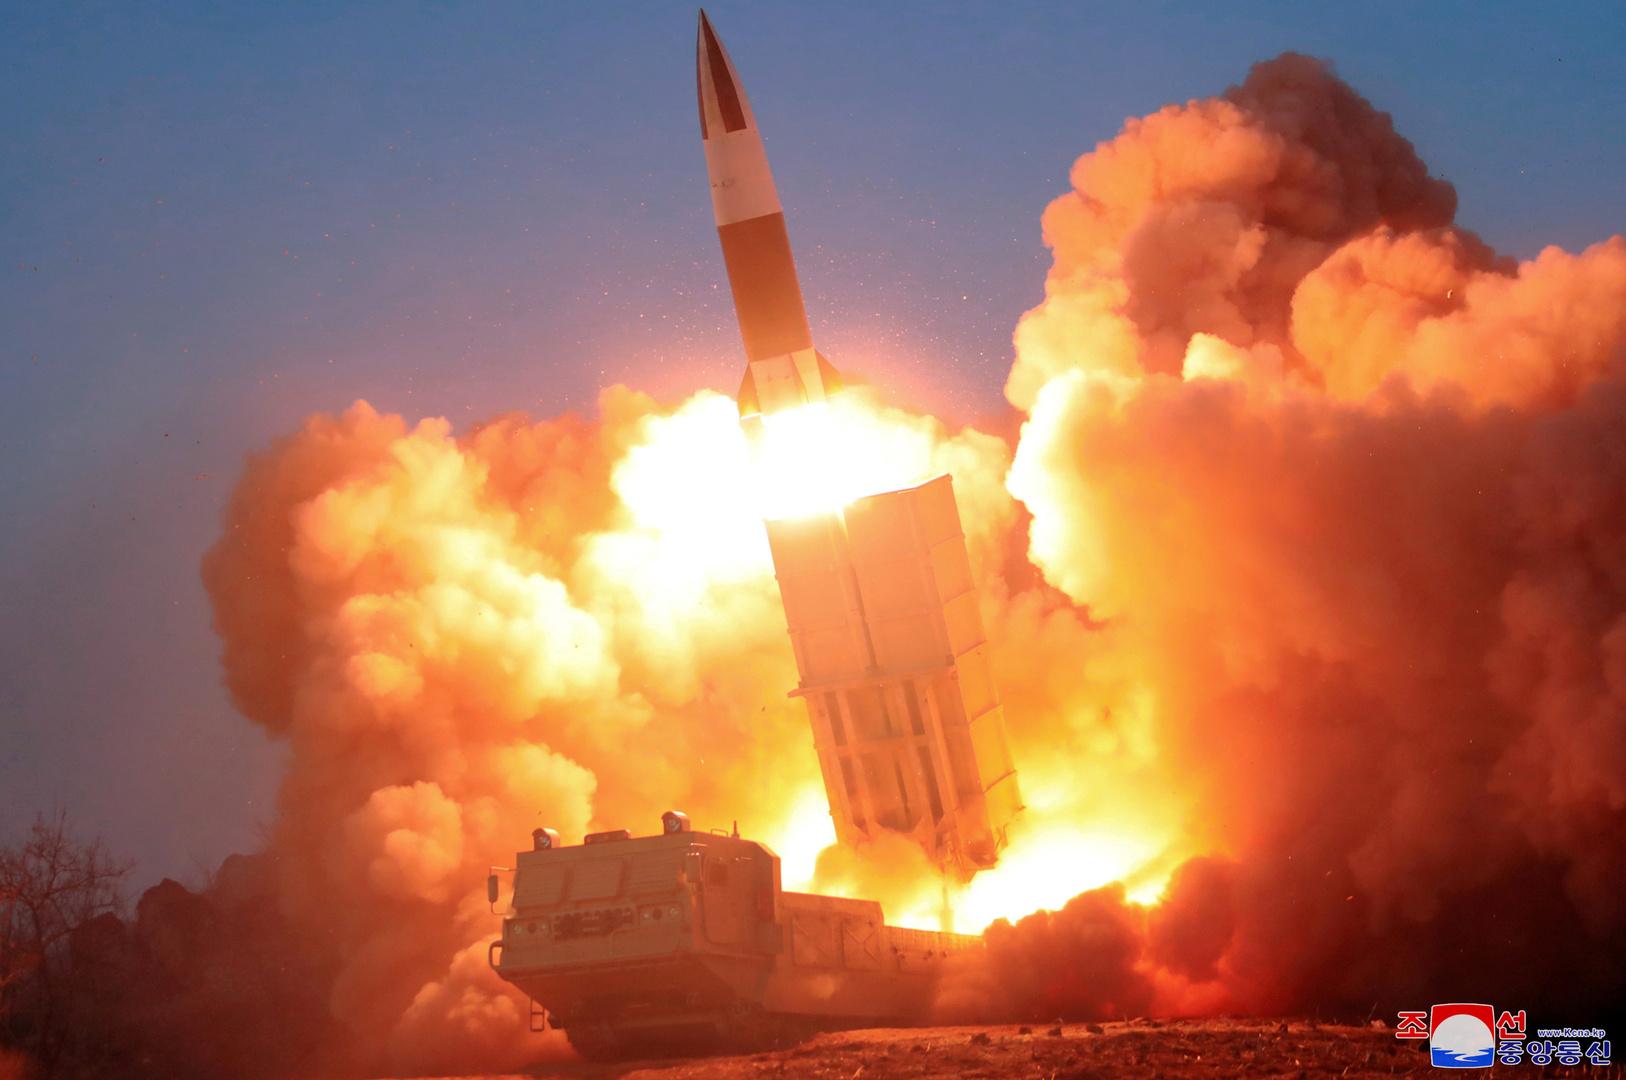 مصدر: معظم أعضاء مجلس الأمن دانوا إطلاق كوريا الشمالية للصواريخ